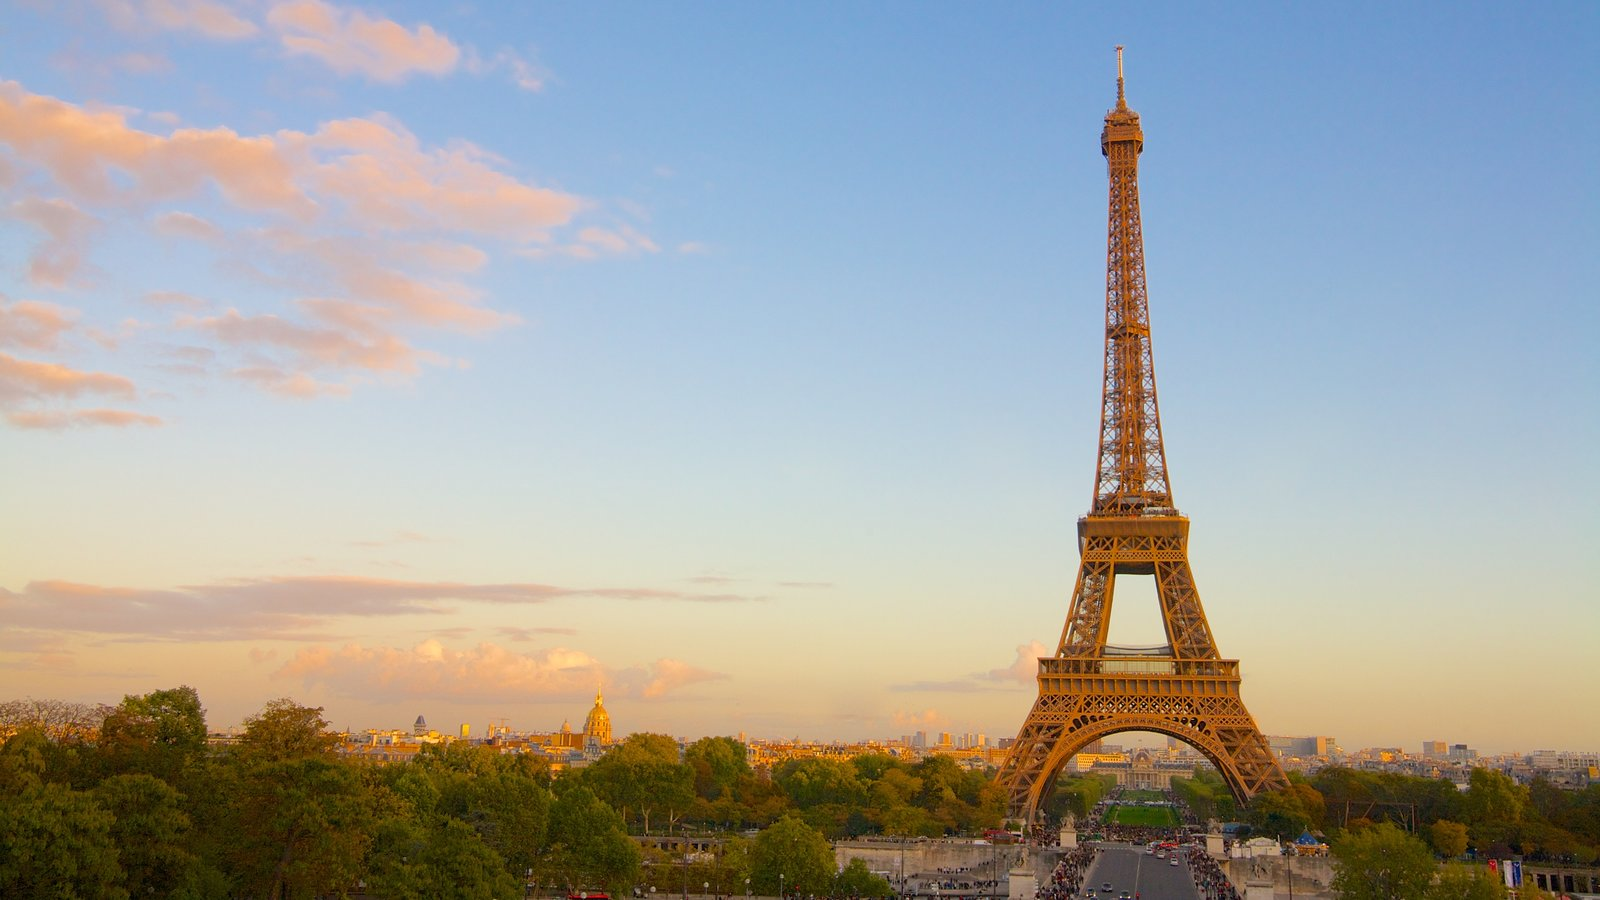 Torre Eiffel mostrando um monumento, arquitetura de patrimônio e um pôr do sol